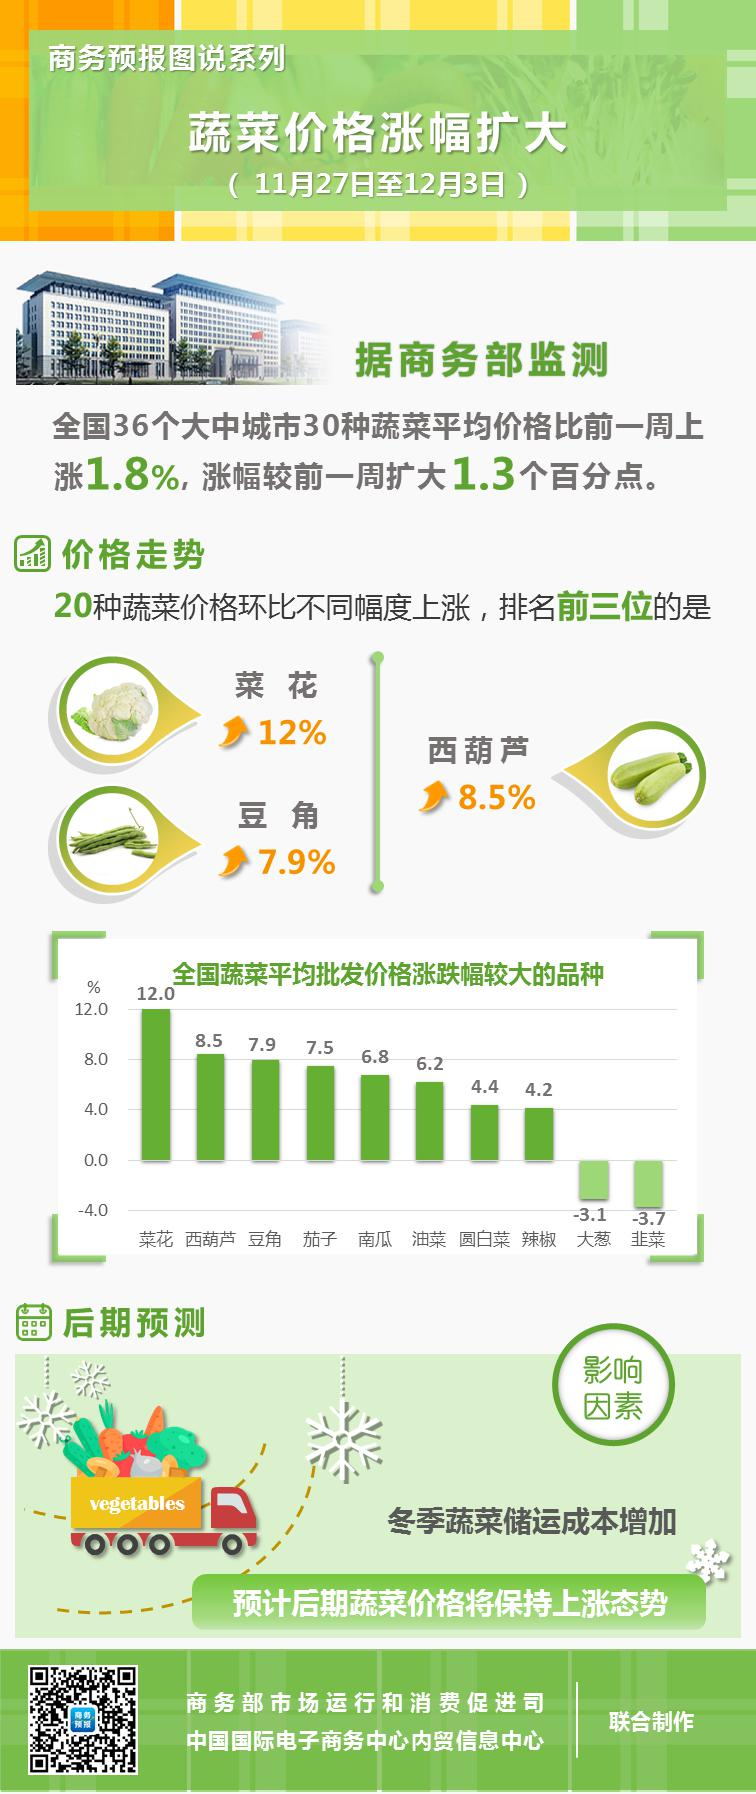 蔬菜价格涨幅扩大